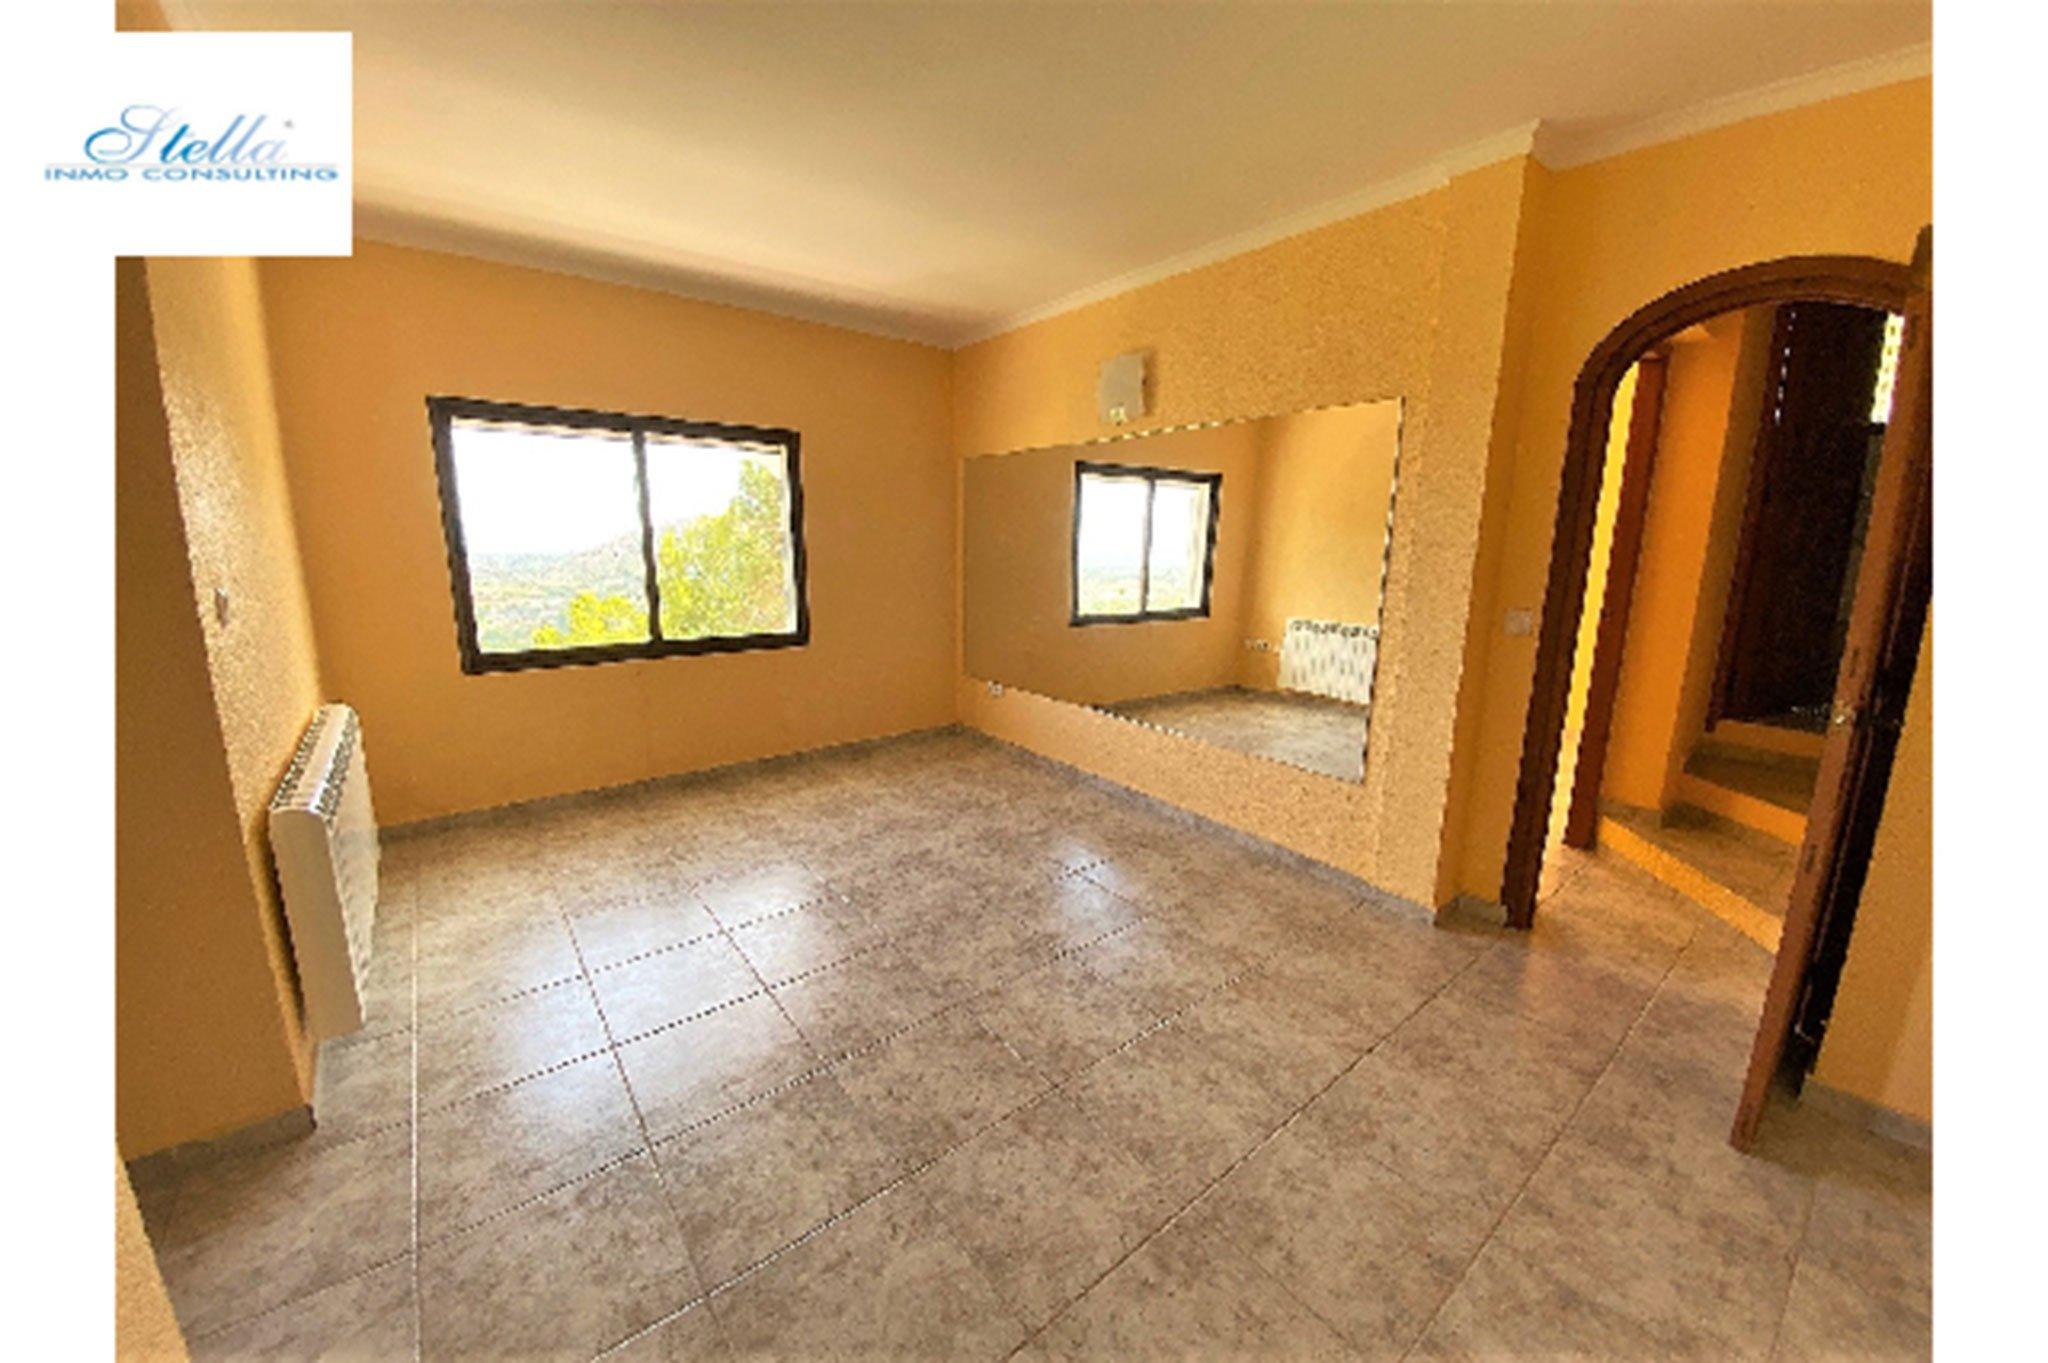 Saló d'una casa a la venda a La Sella, Pedreguer - Stella Inmo Consulting